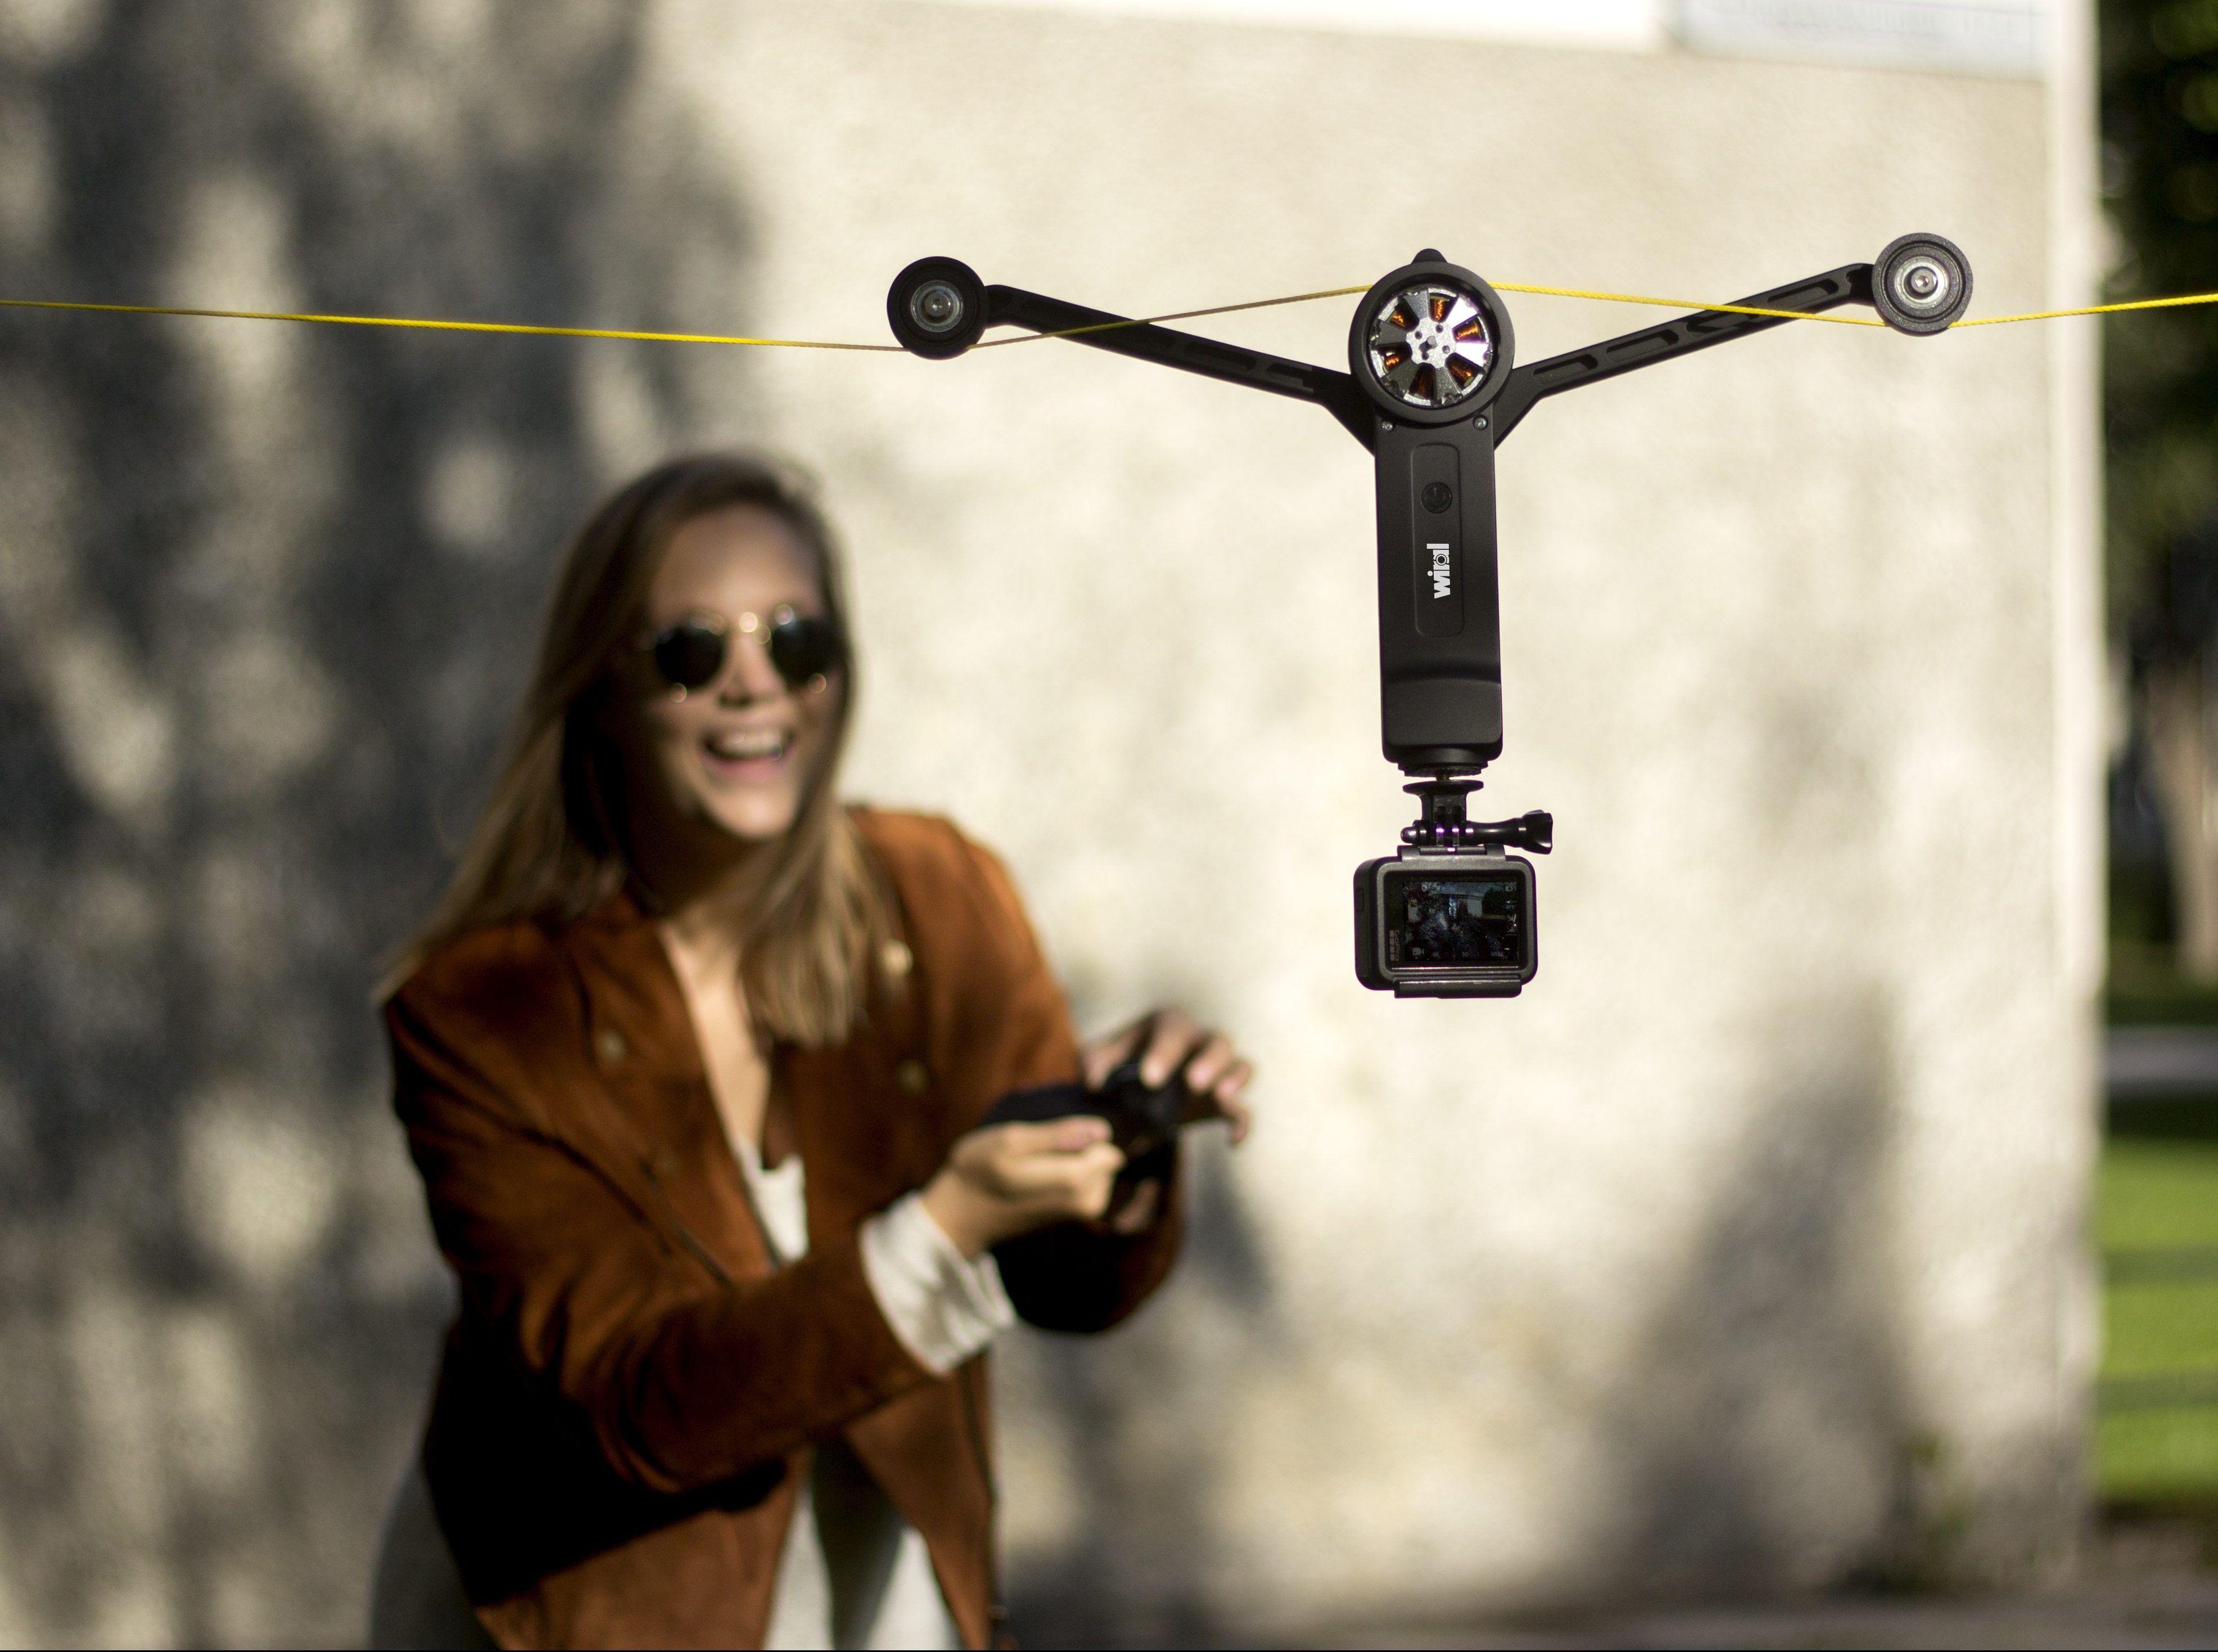 Verbessert Eure Videoaufnahmen Mit Der Kameraseilbahn Wiral Lite Die Seilbahn Ist Kompatibel Mit Gopros Oder Vergleichbaren Actionca Seilbahn Videos Schlitten